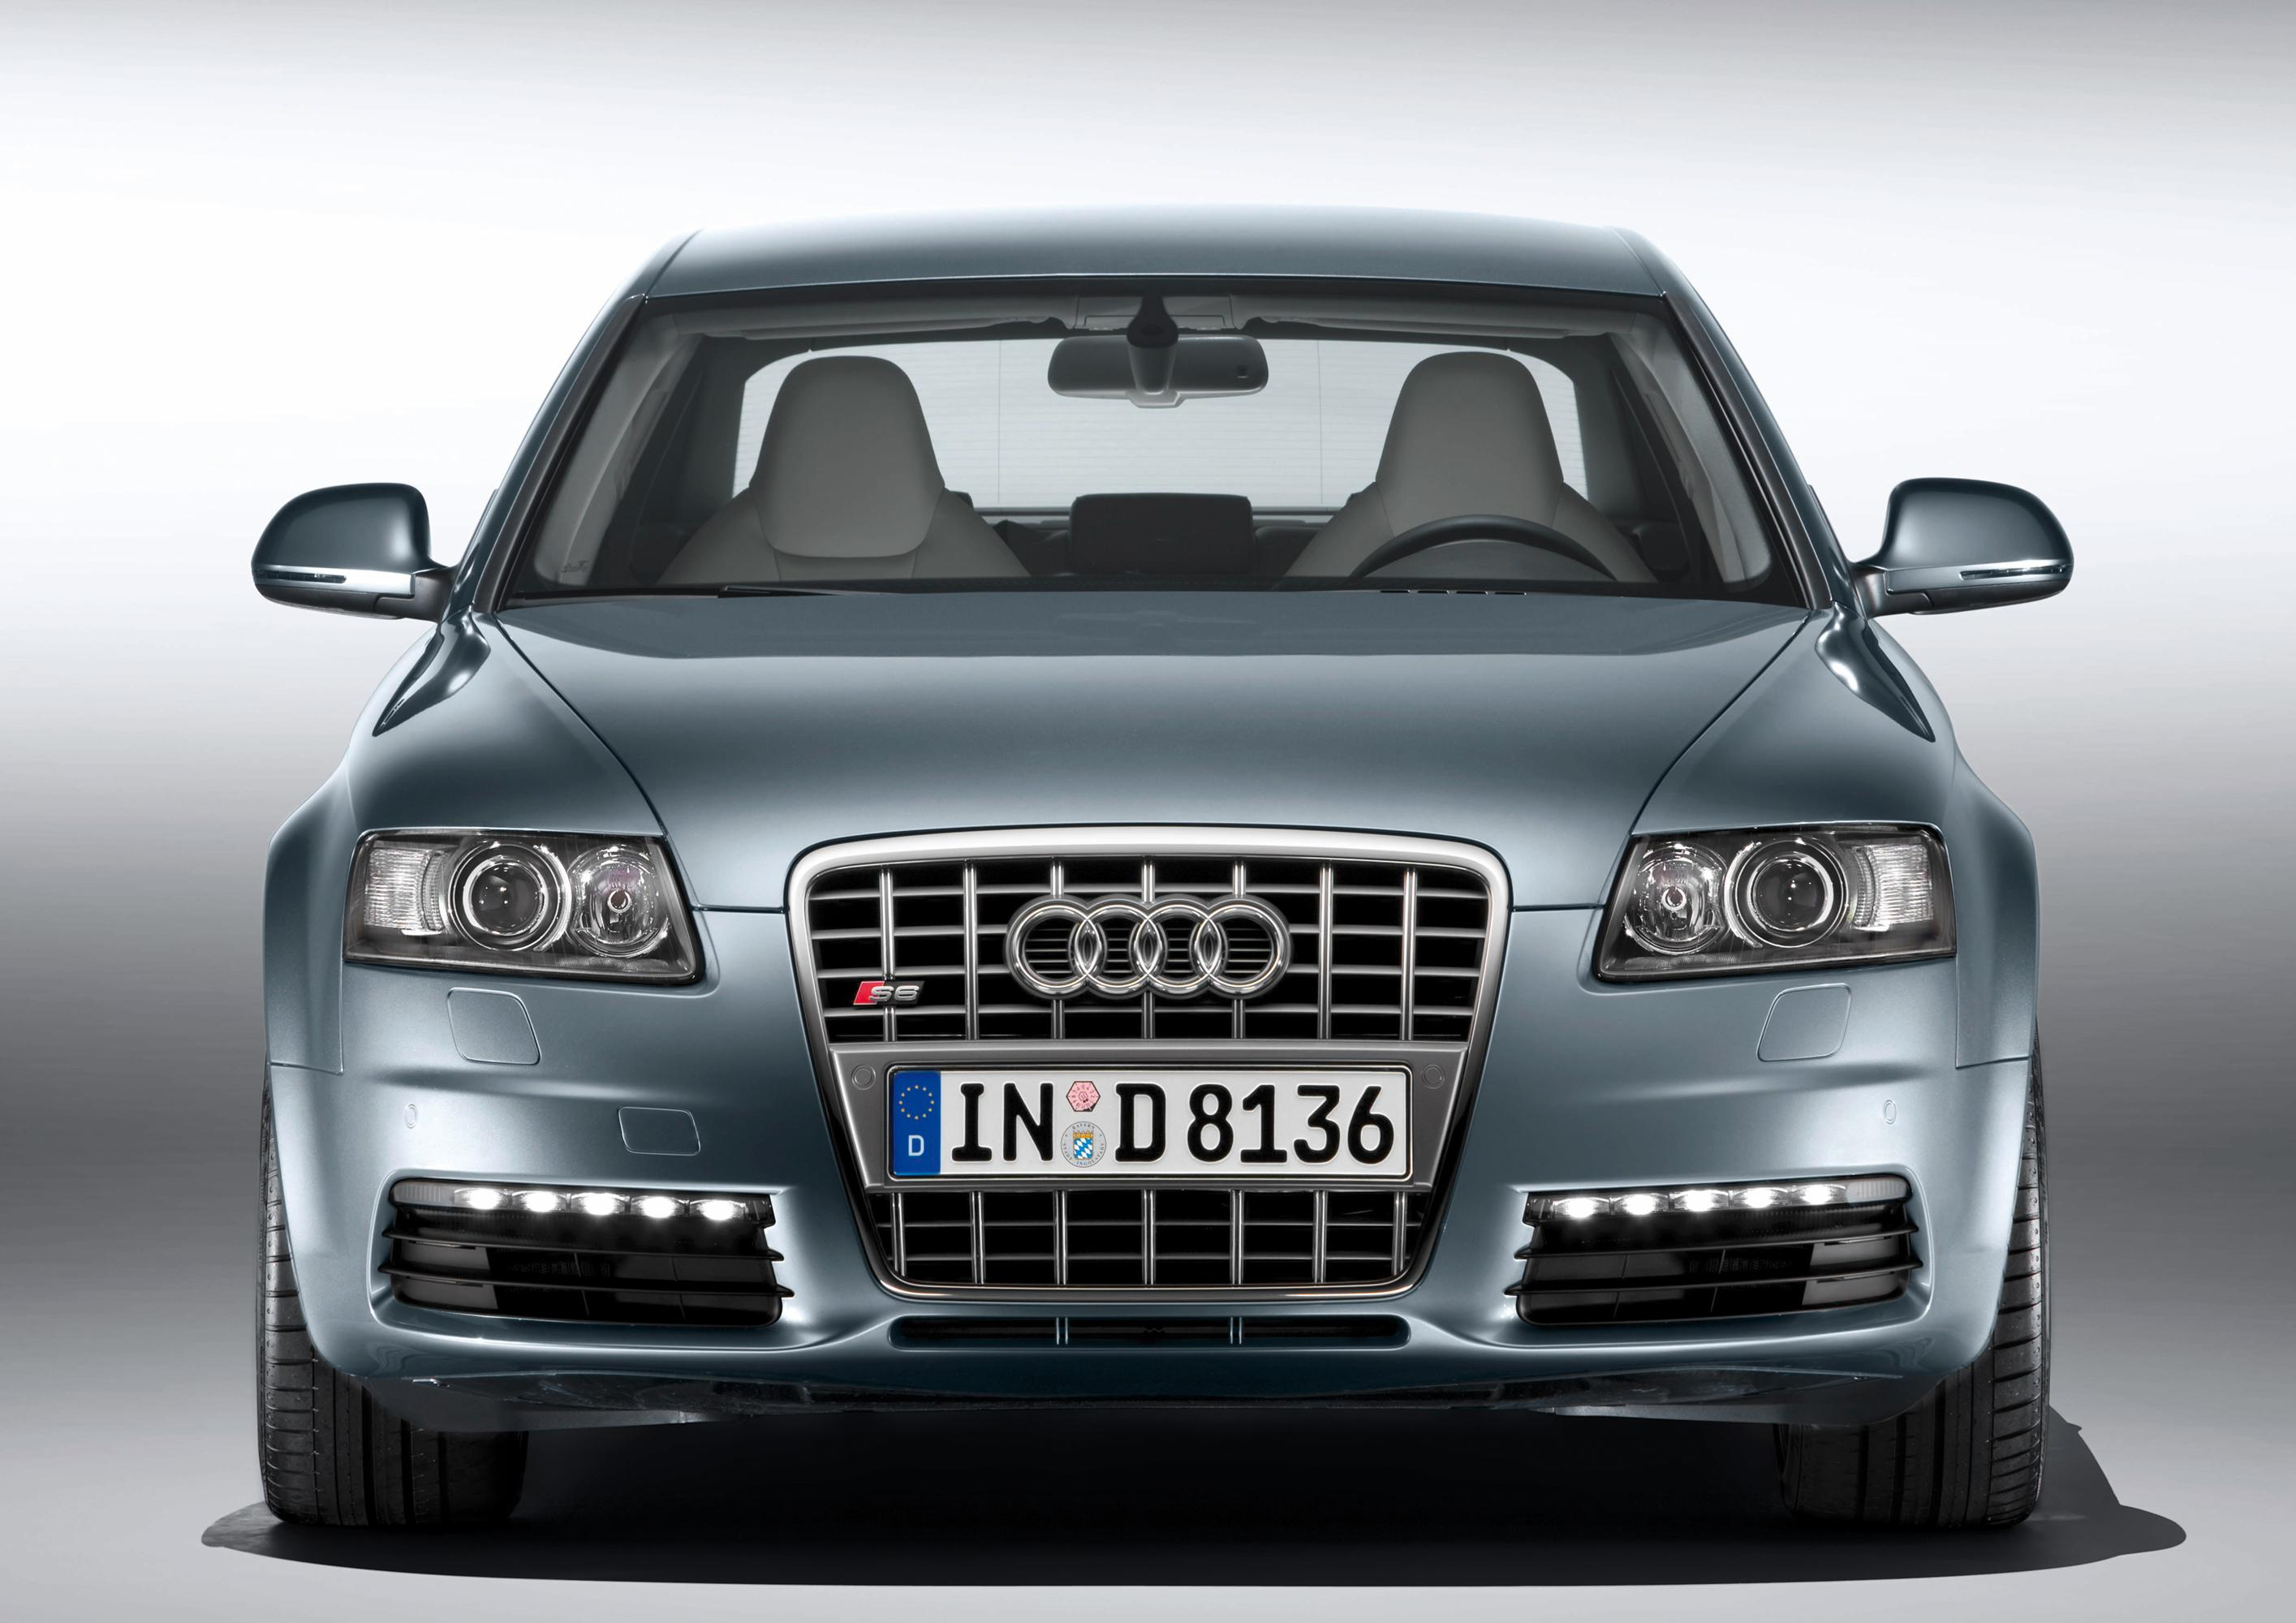 2009 Audi S6 - Picture 11710